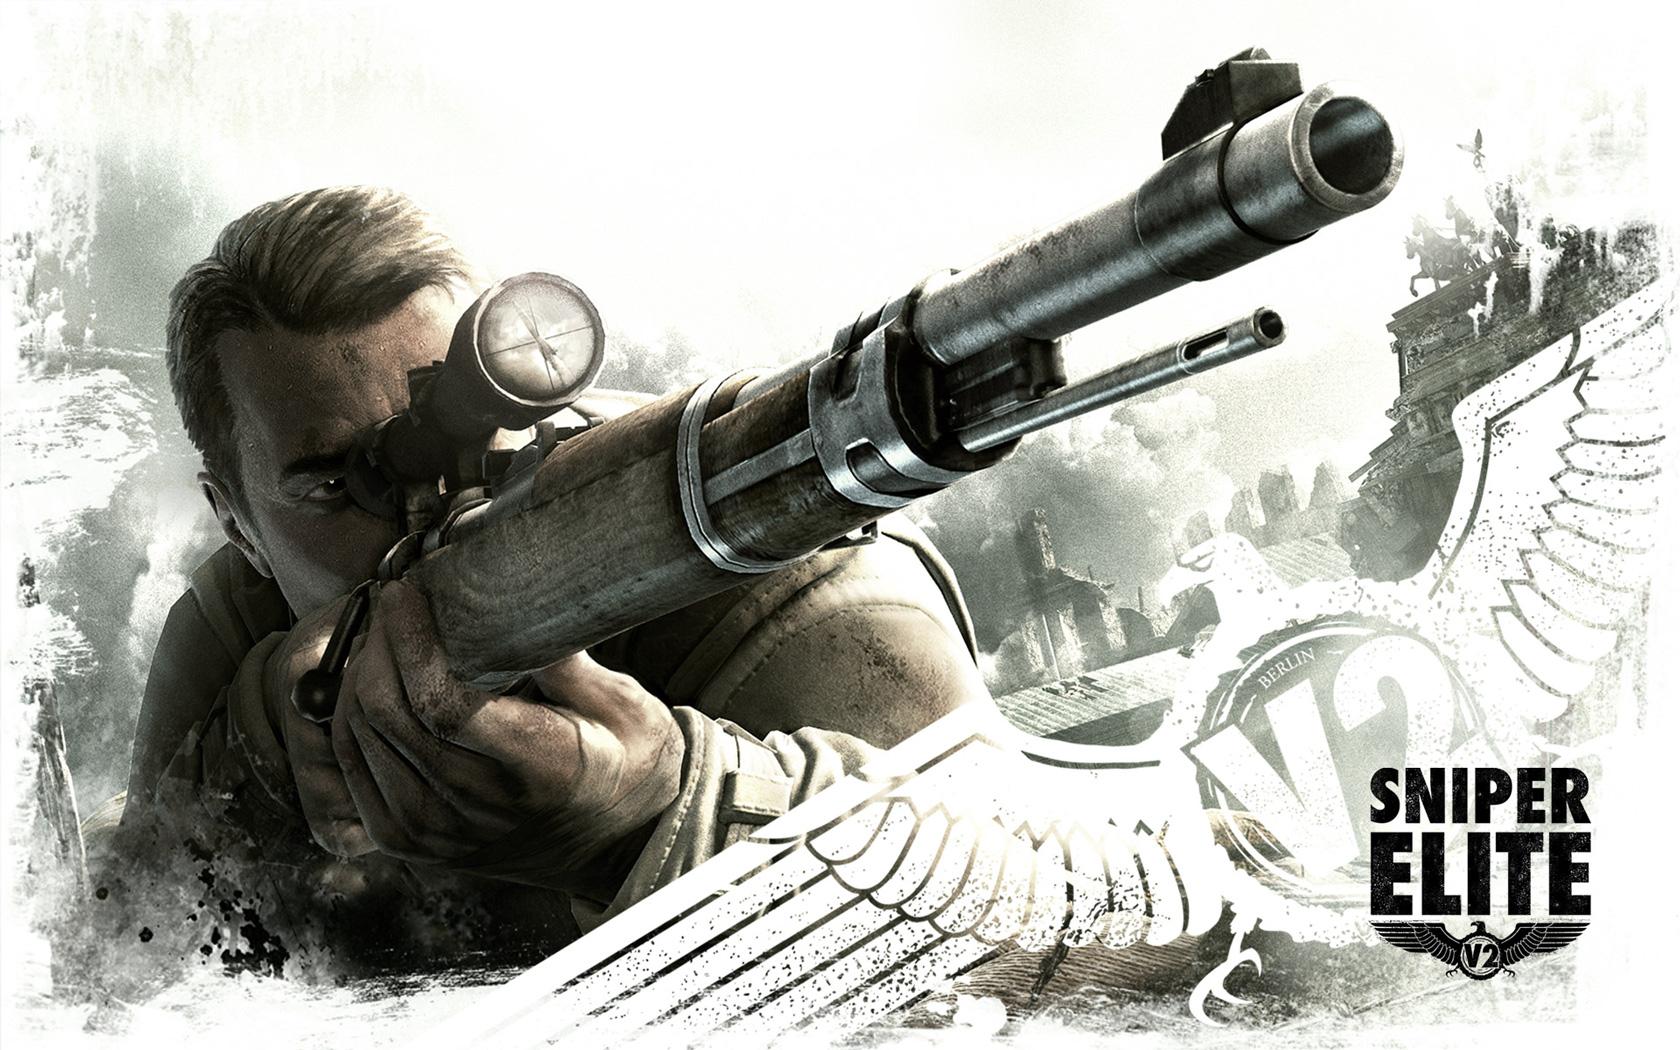 Free Sniper Elite V2 Wallpaper in 1680x1050